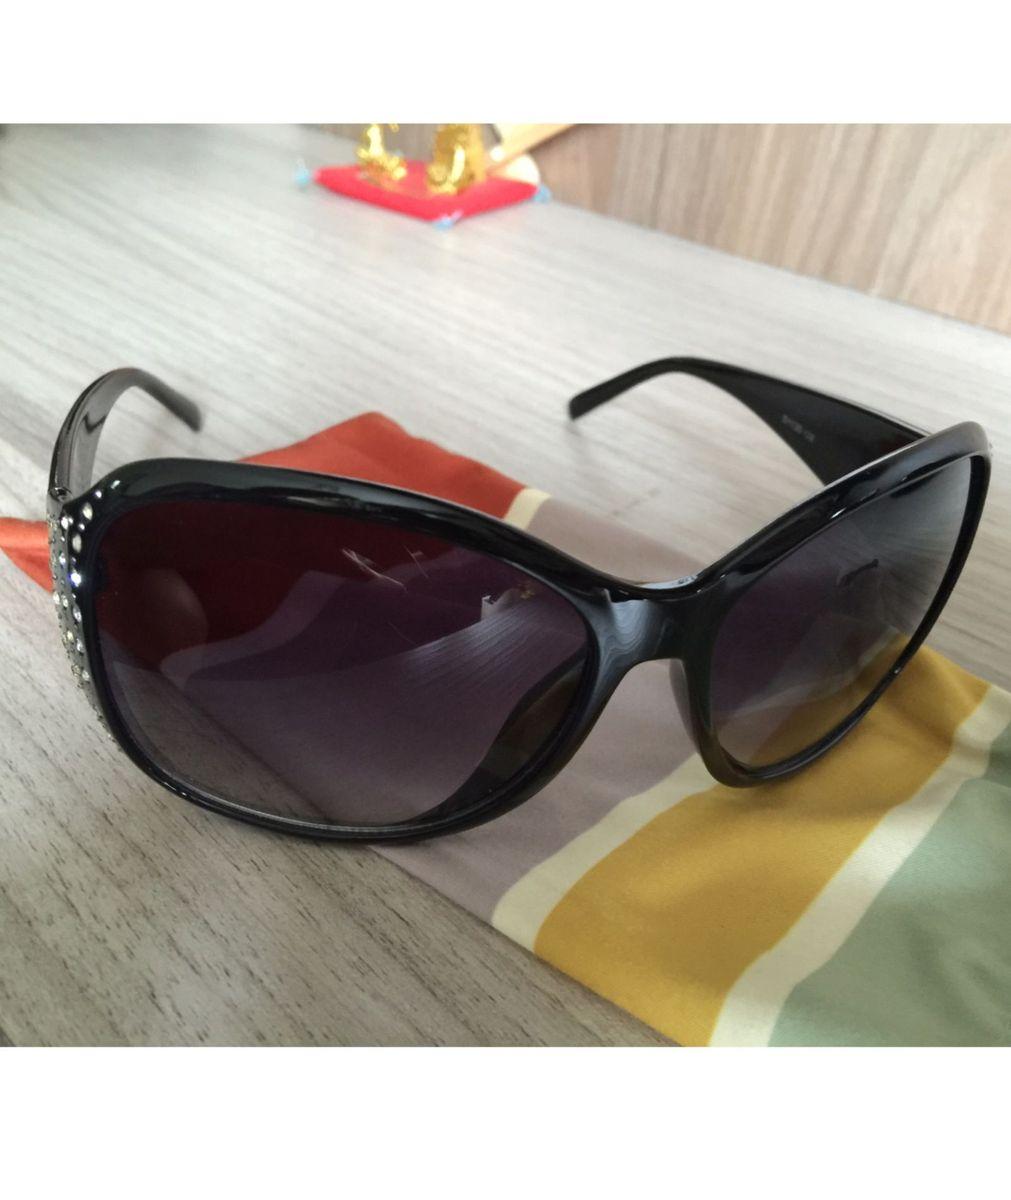 8521f8fdd óculos steve madden novo - óculos steve madden.  Czm6ly9wag90b3muzw5qb2vplmnvbs5ici9wcm9kdwn0cy83ndkwmjevnty2mdm4nta1nwi2m2m3mdu1owjmntu1yzbhyjy3yjuuanbn  ...